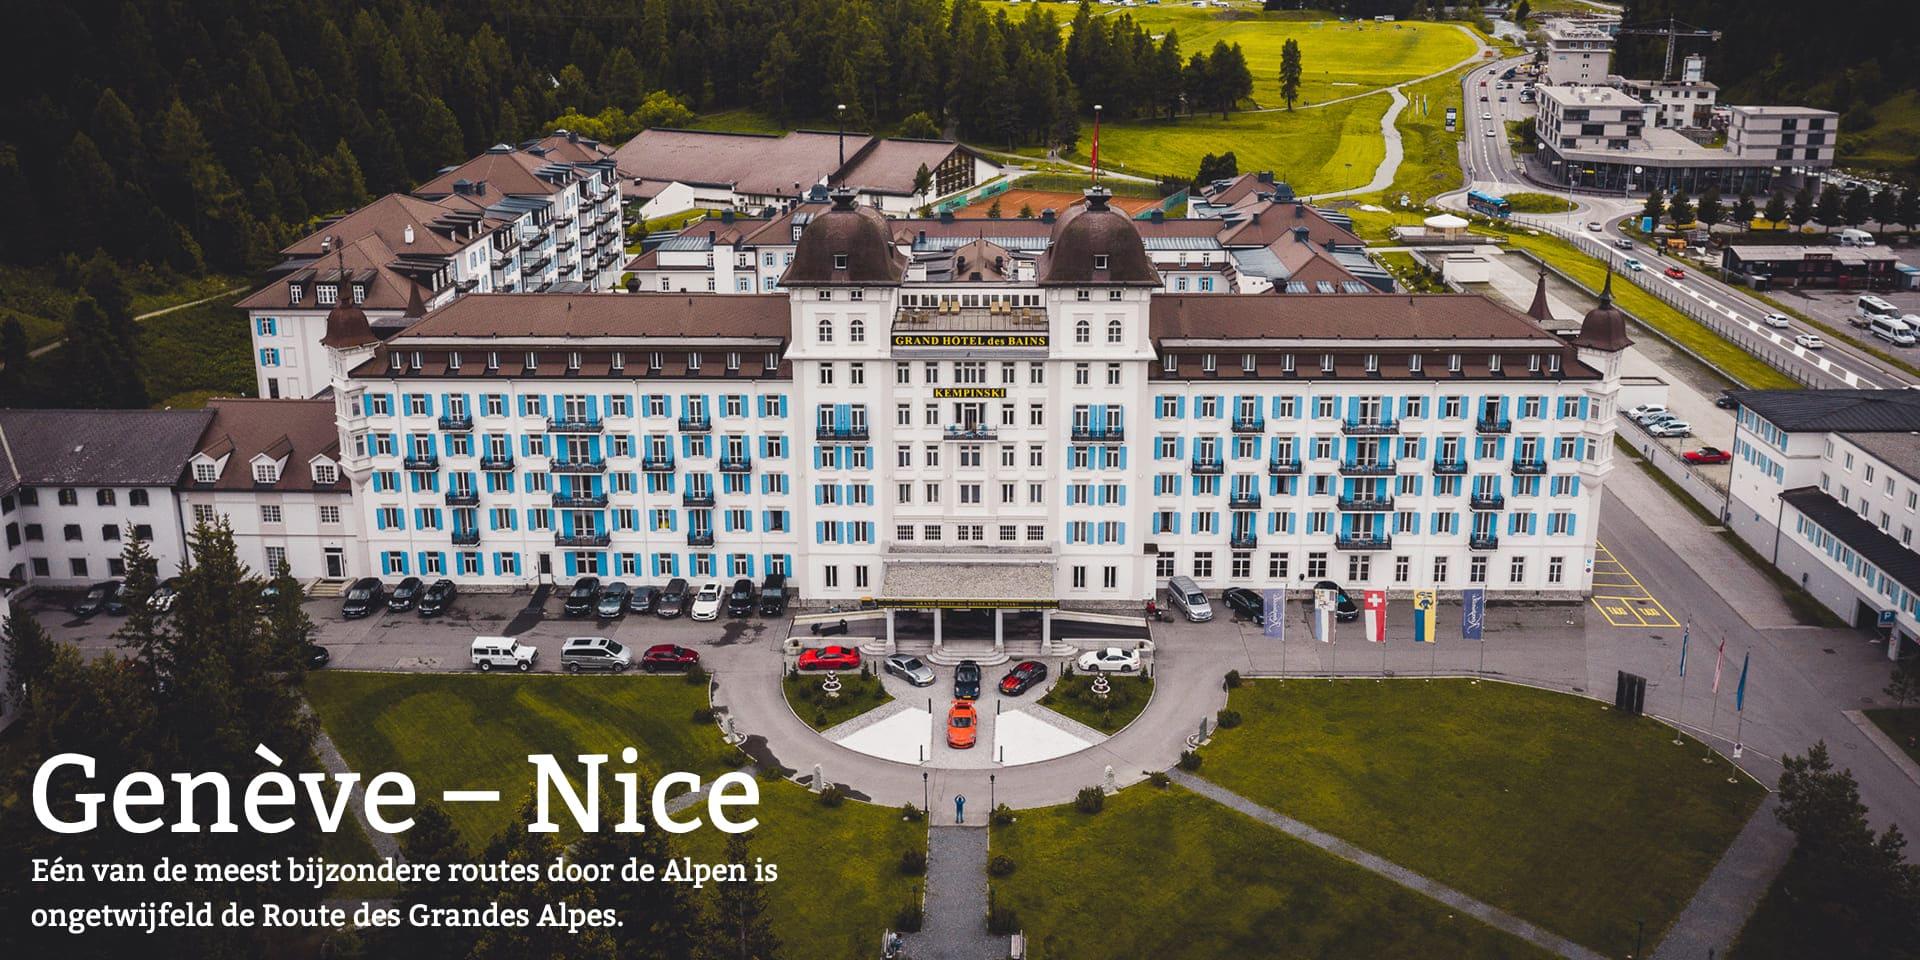 Geneve - Nice Mille Giri Events